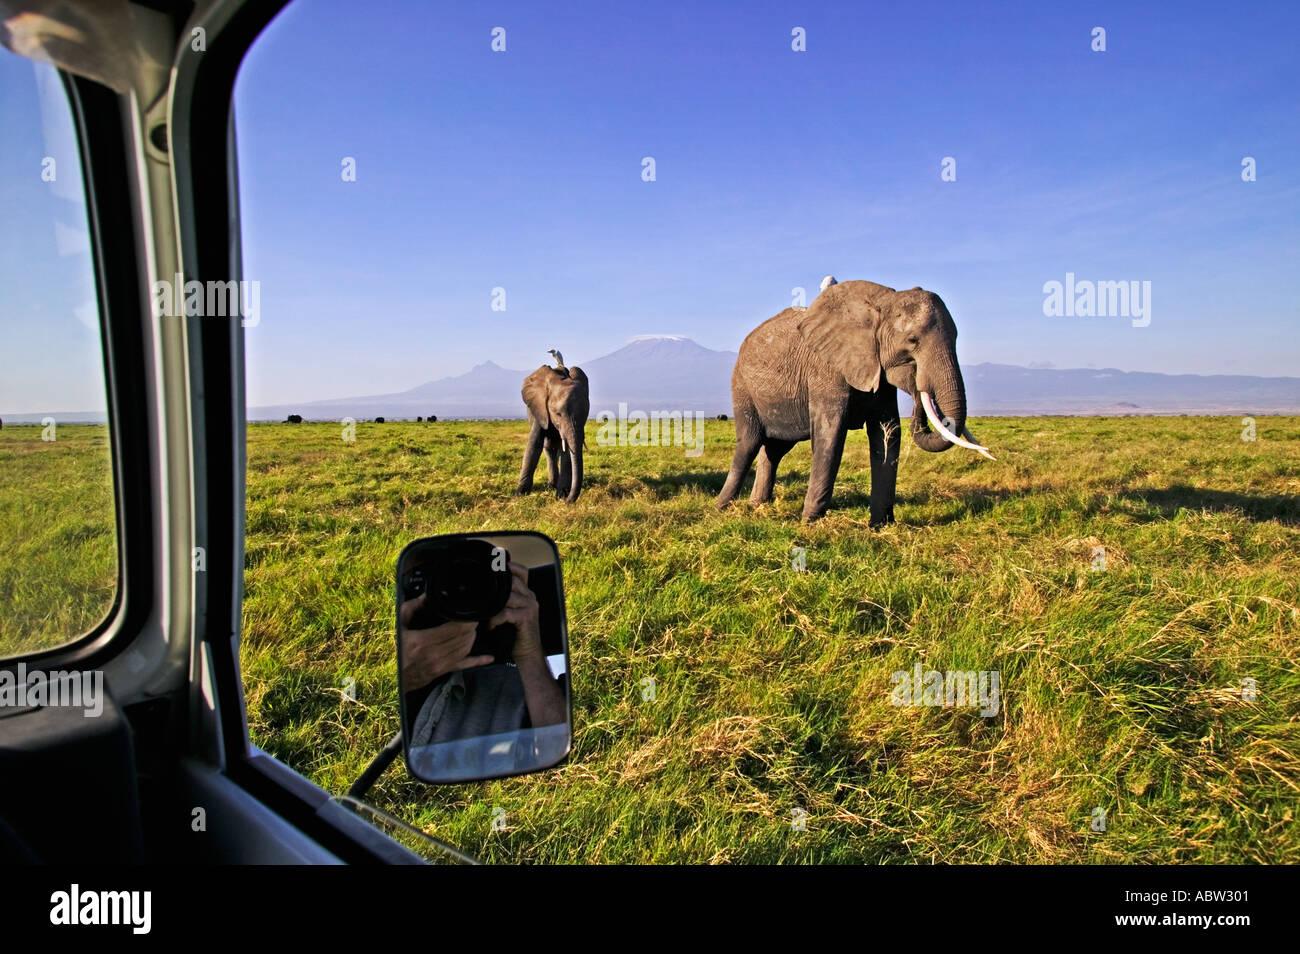 Turismo en busca de ventanilla a los elefantes del Parque Nacional Amboseli Kenia Imagen De Stock